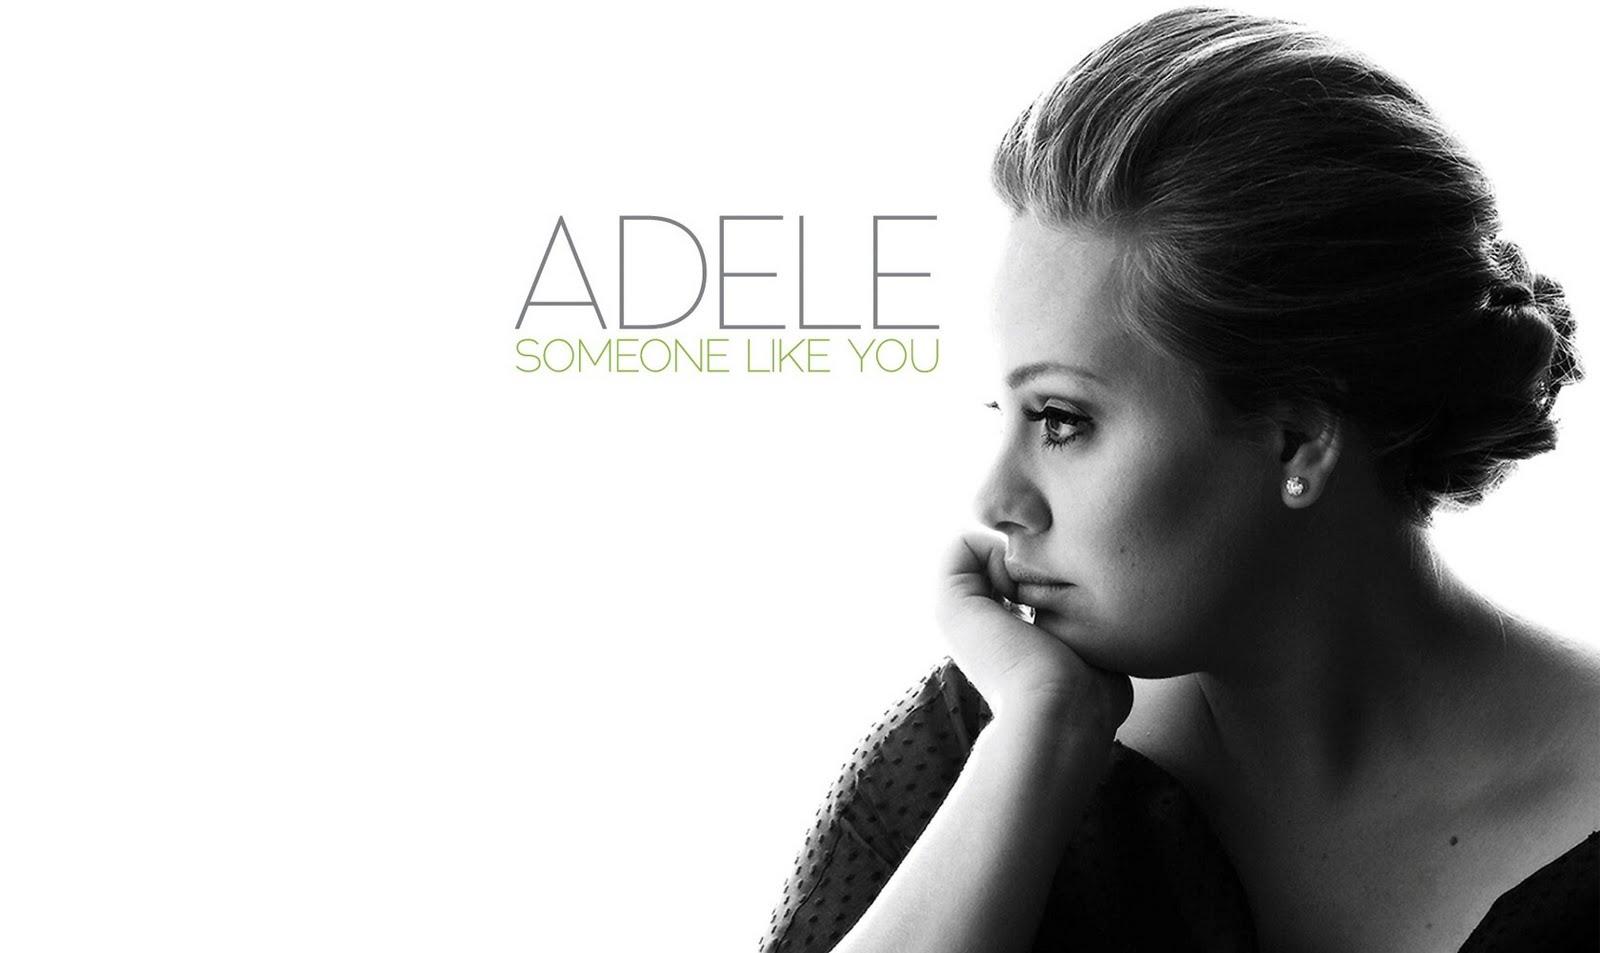 http://1.bp.blogspot.com/-faJcsRWOGNA/TzUUytchQ2I/AAAAAAAABSE/pIHrvX9cJQ0/s1600/Adele-IMAGENES.jpg